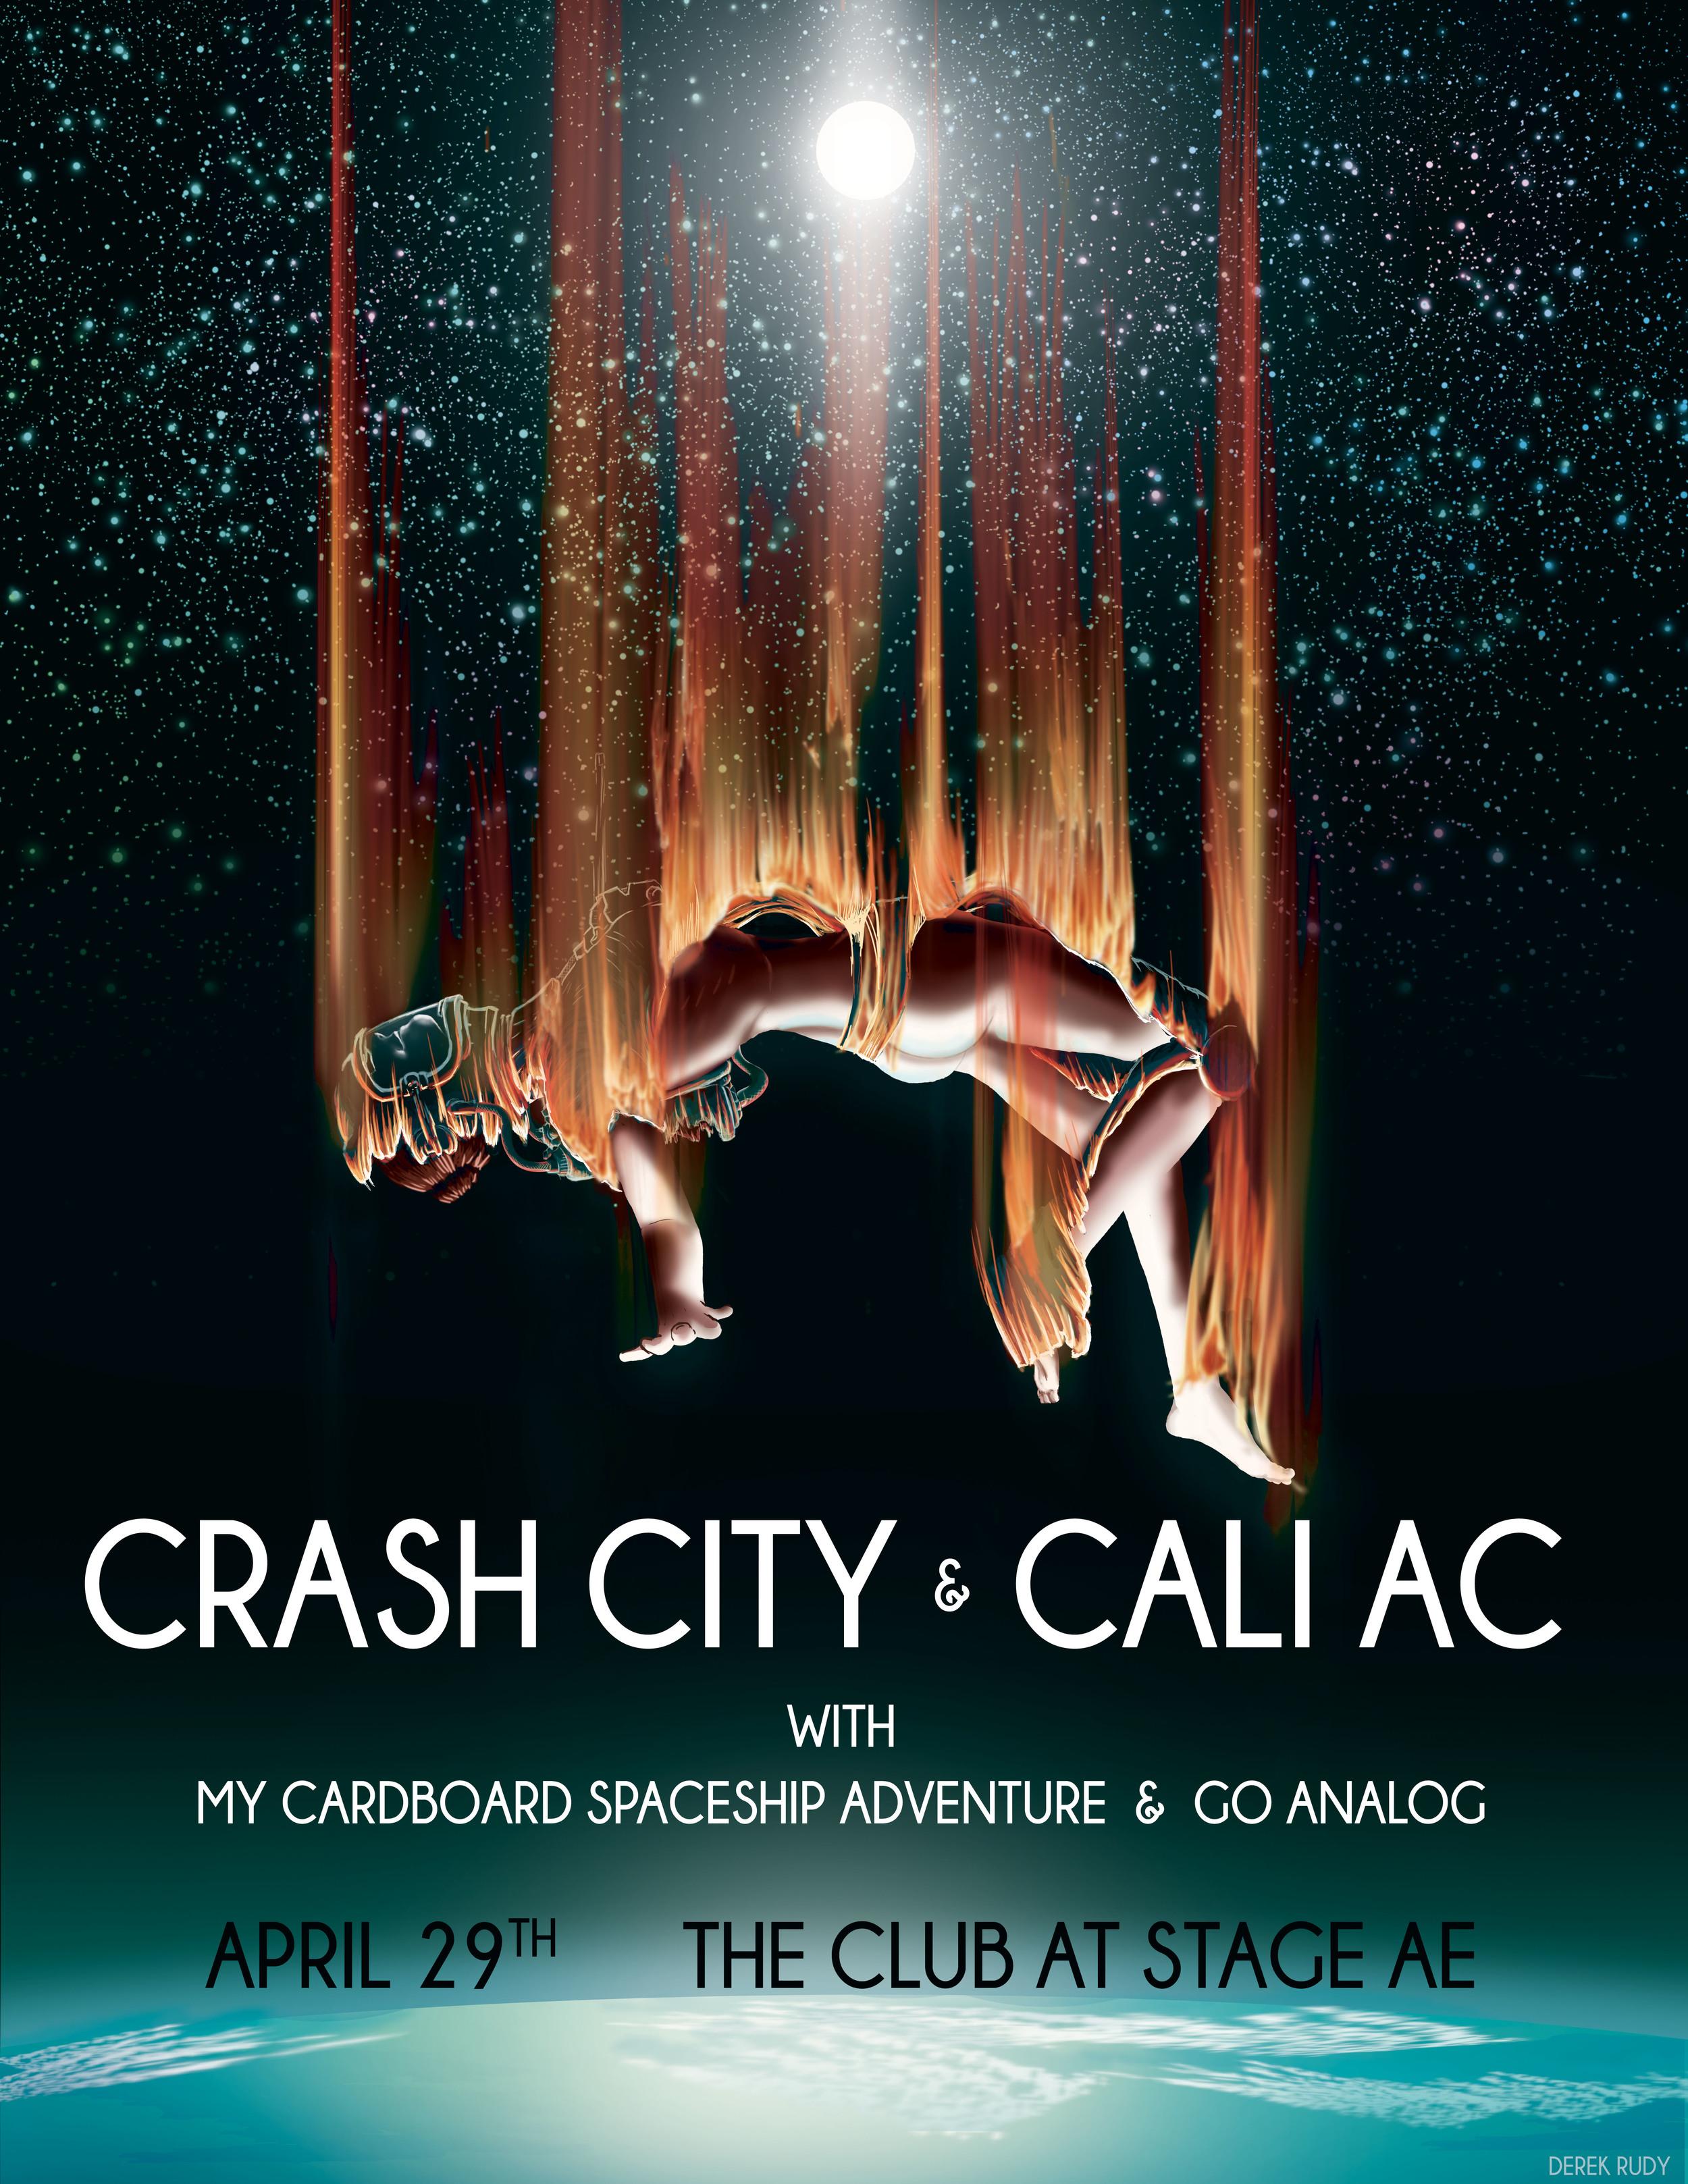 CrashCity_CaliAC_Preview.jpg